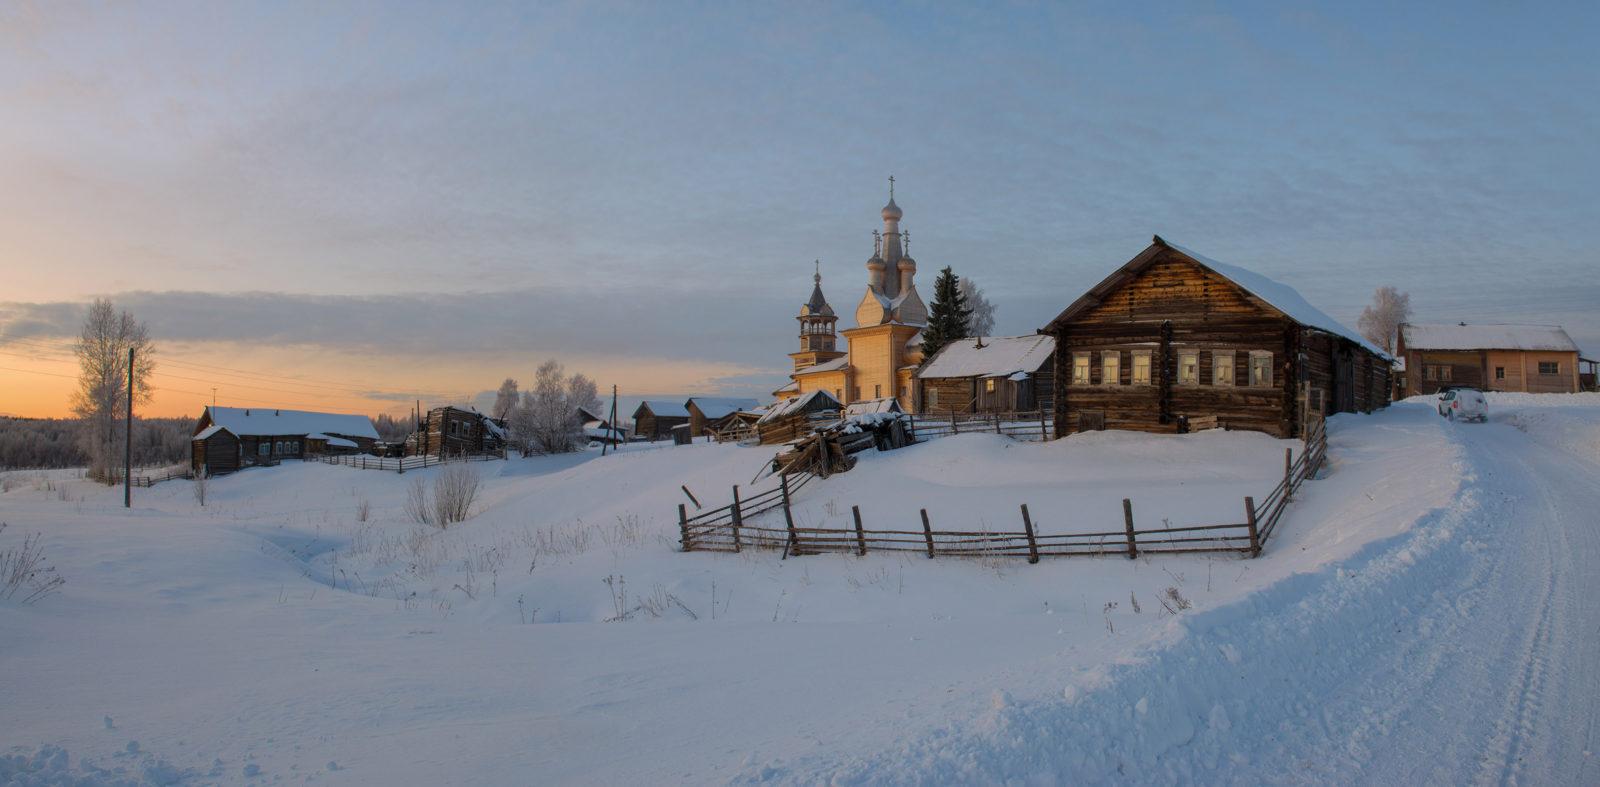 Картинки по запросу картинки избы в деревне зимой